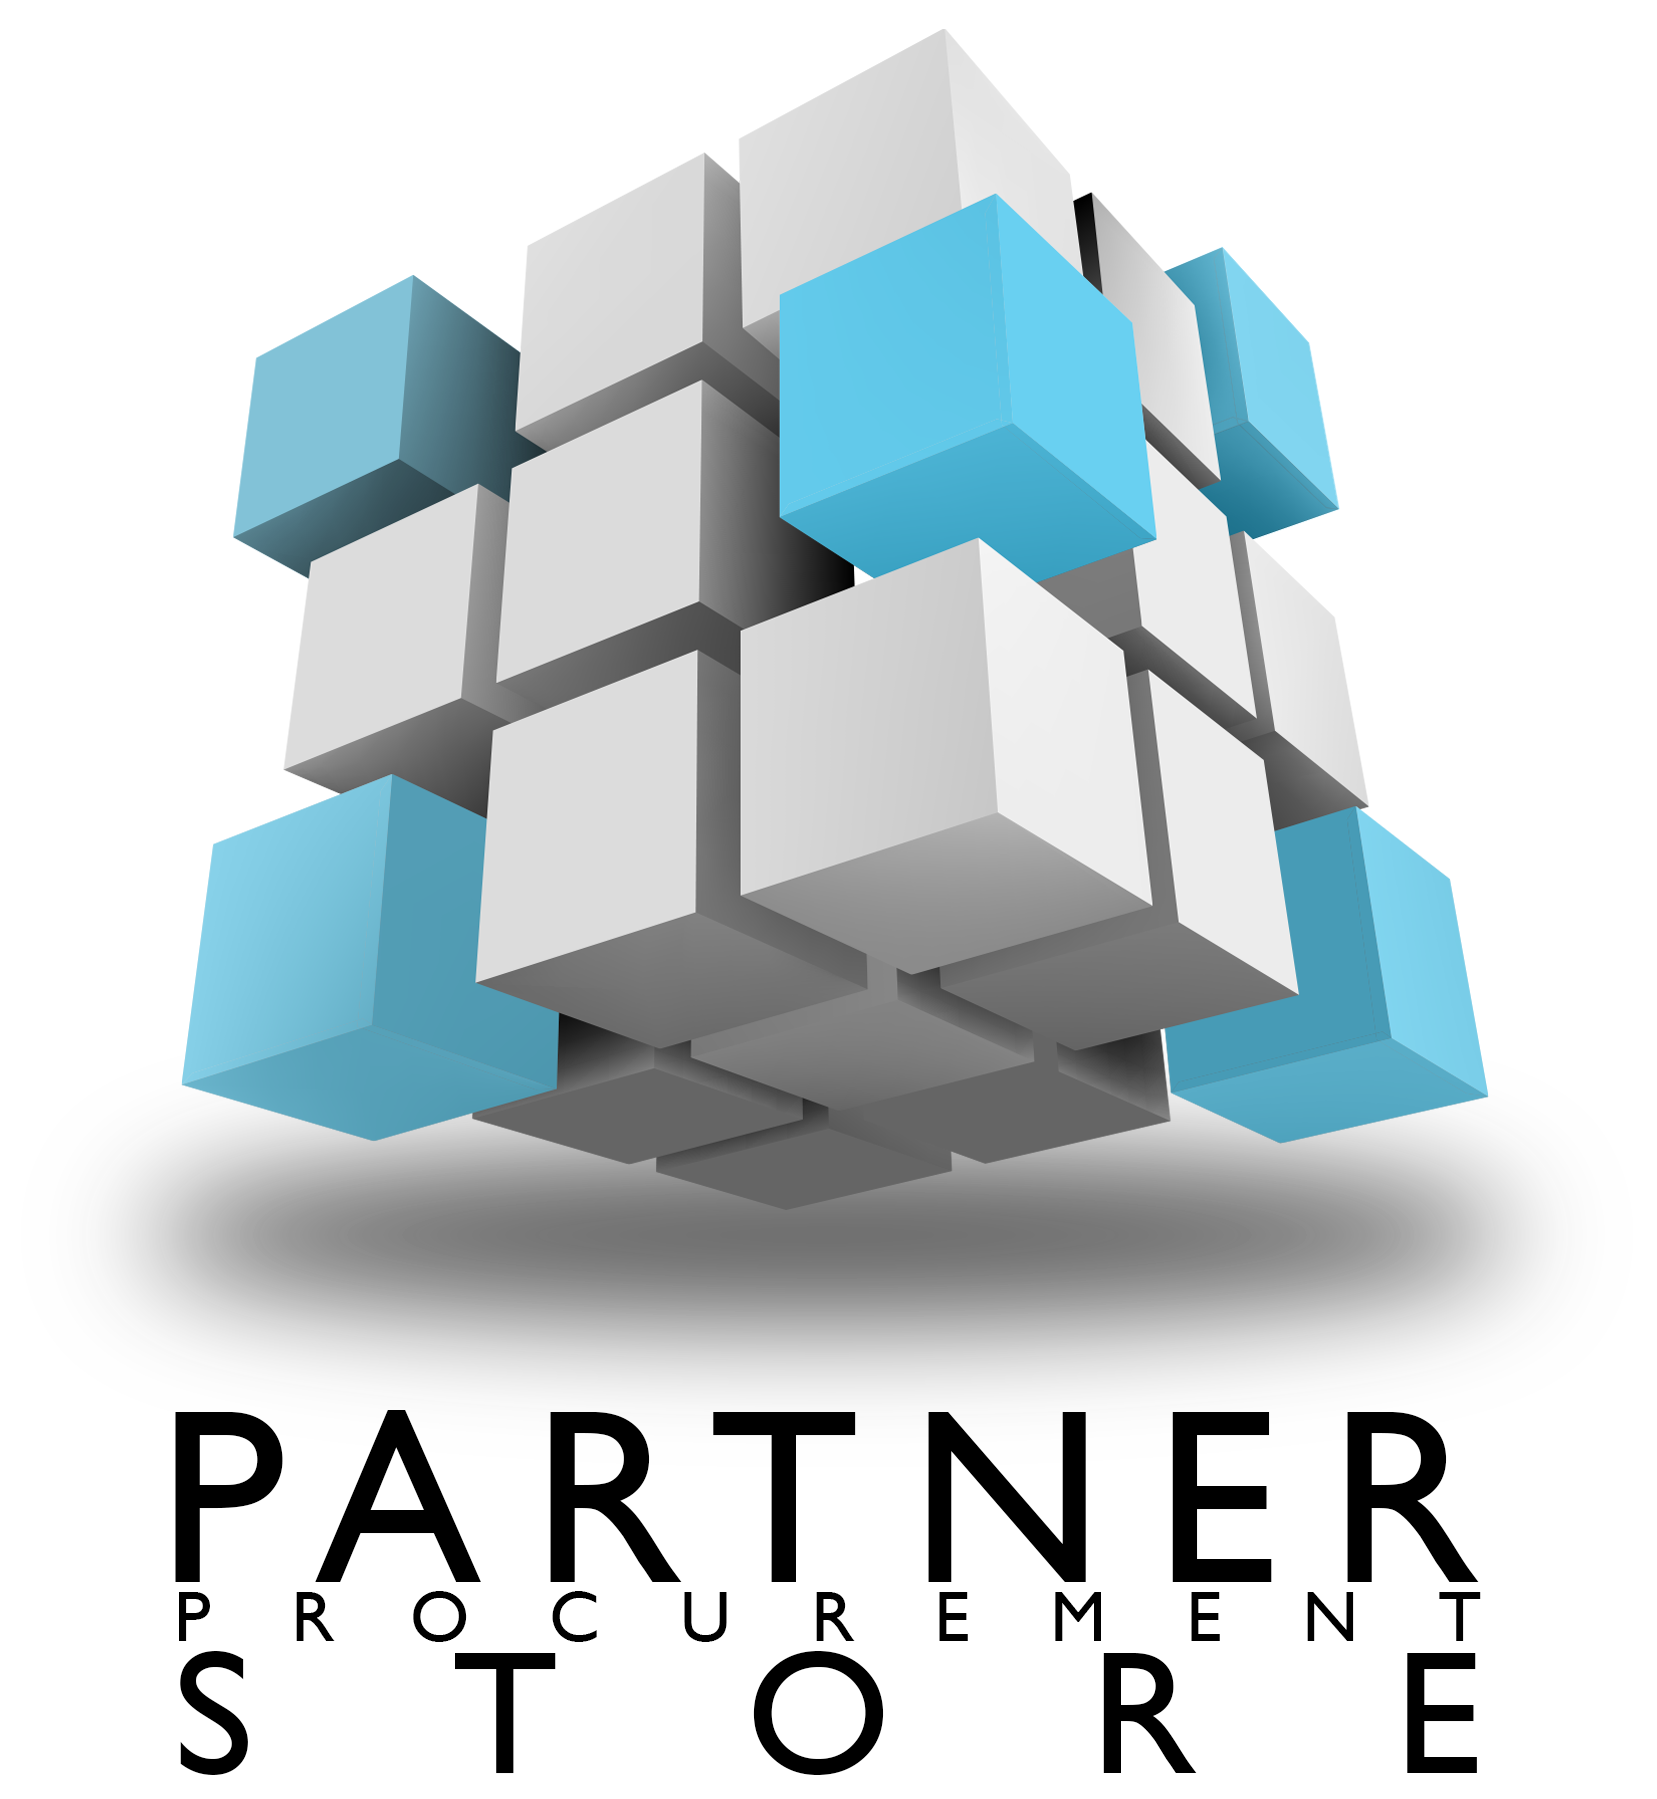 Partner-Procurement-Store.png